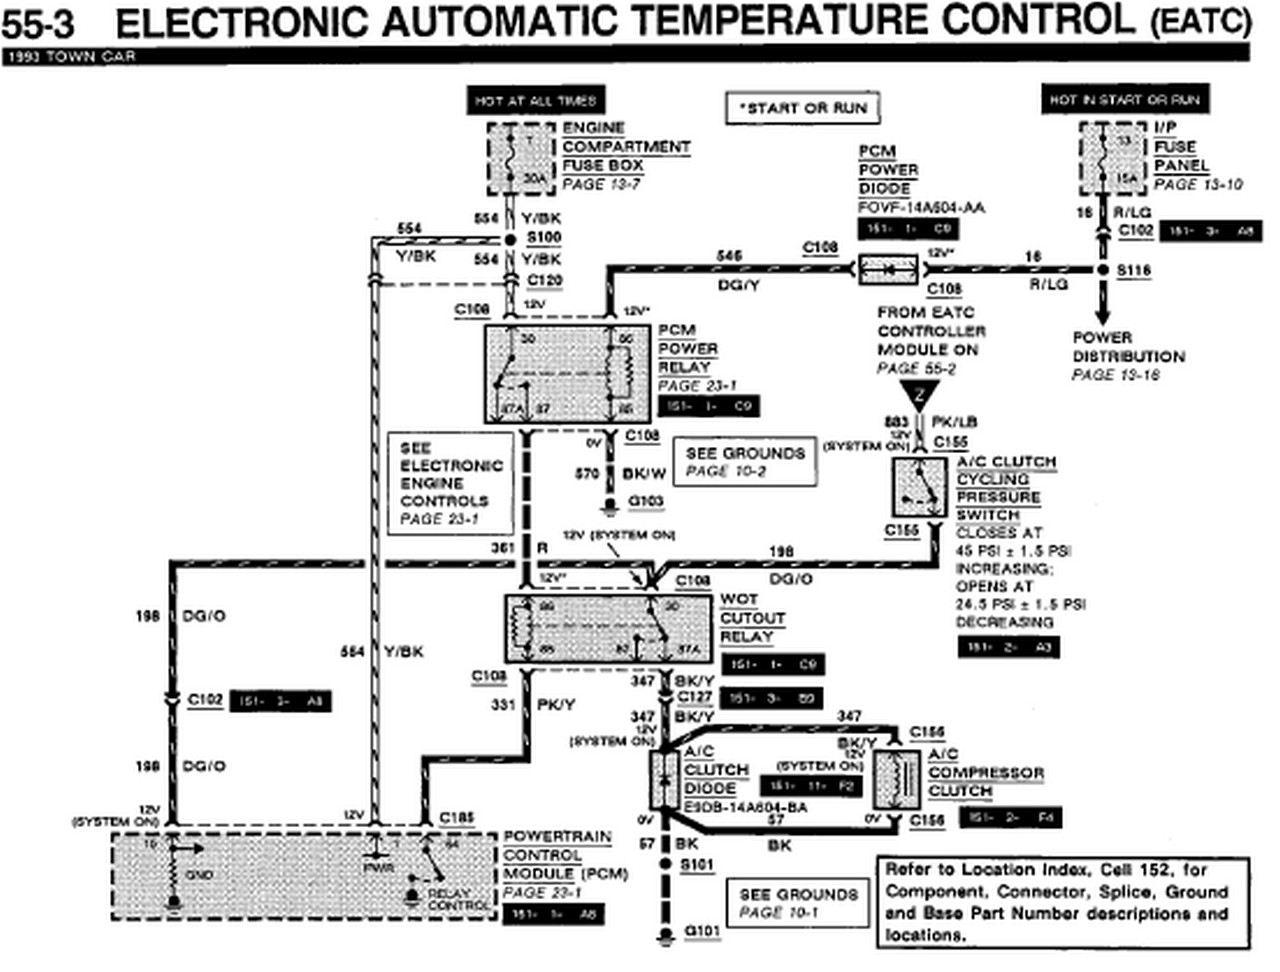 Lincoln Town Car Eatc Wiring Diagram